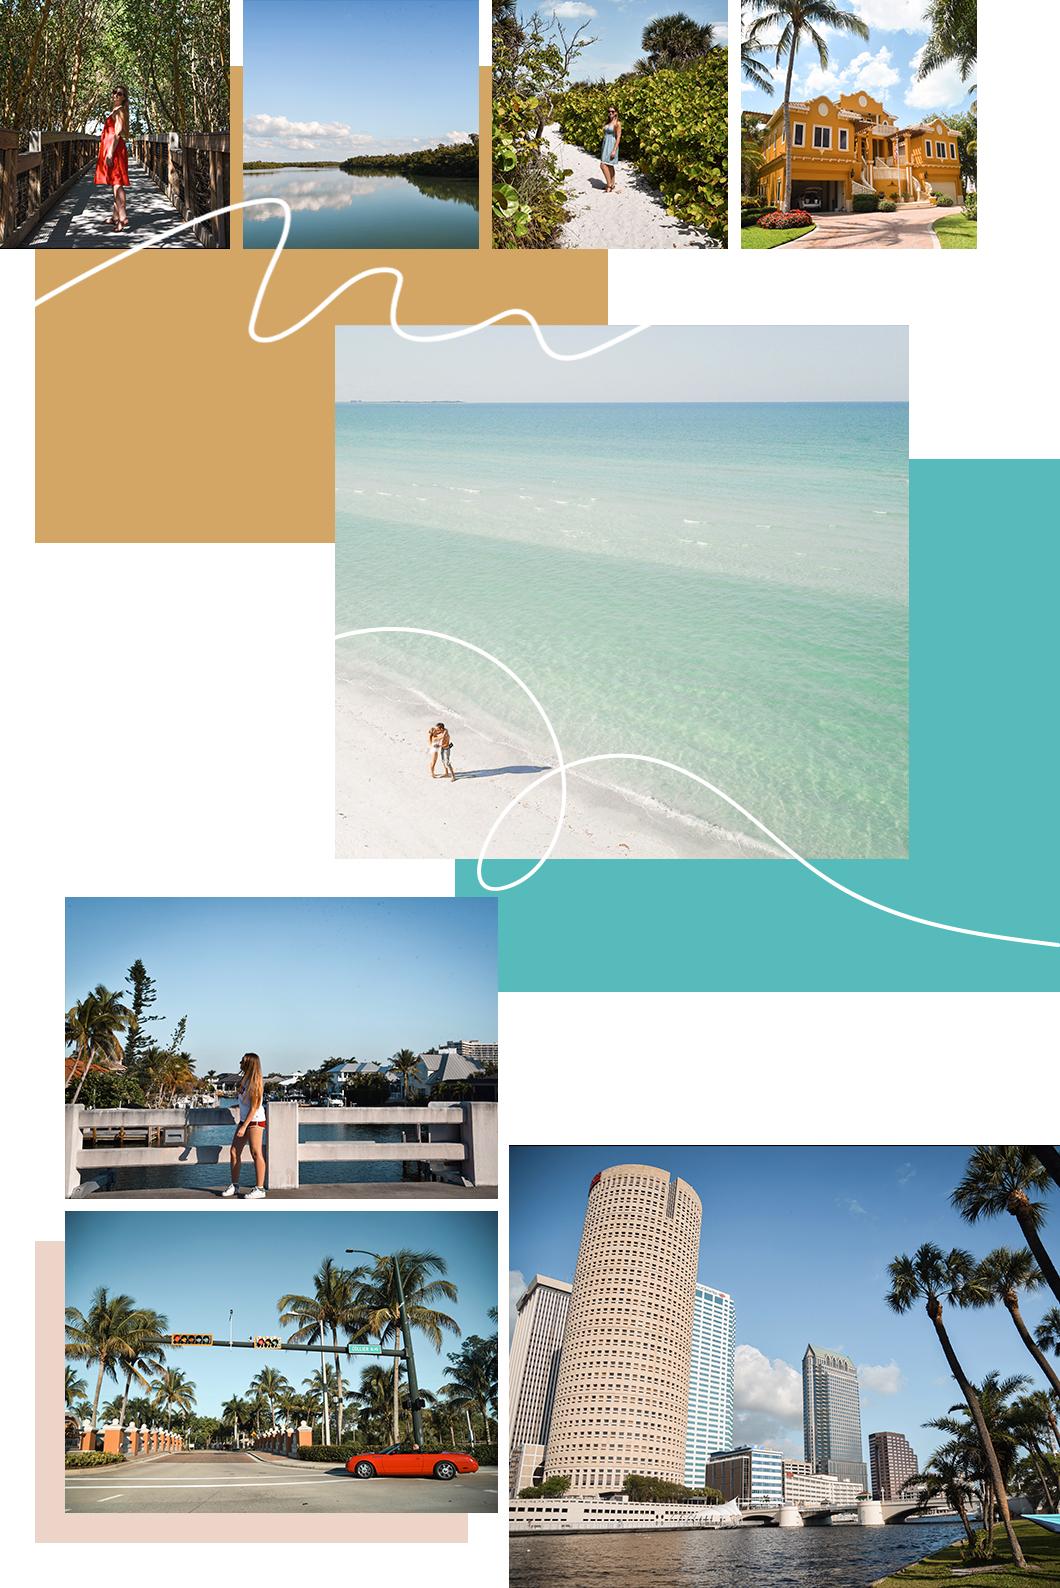 Visiter la Côte ouest de la Floride - Road trip en Floride